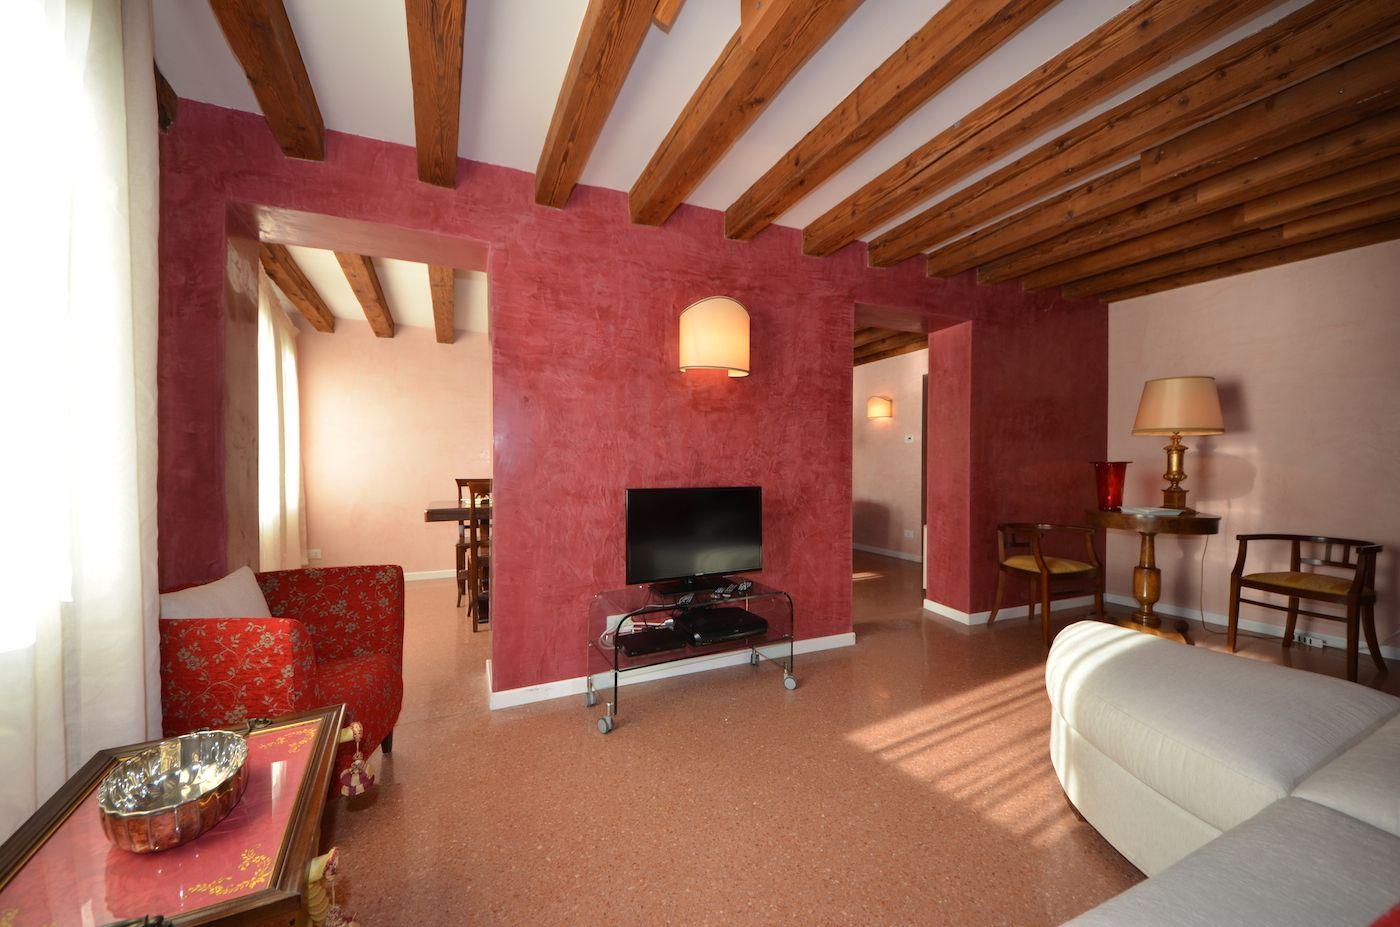 Immagine 13 20 edilizia ristrutturazioni - Dipingere casa a spruzzo ...